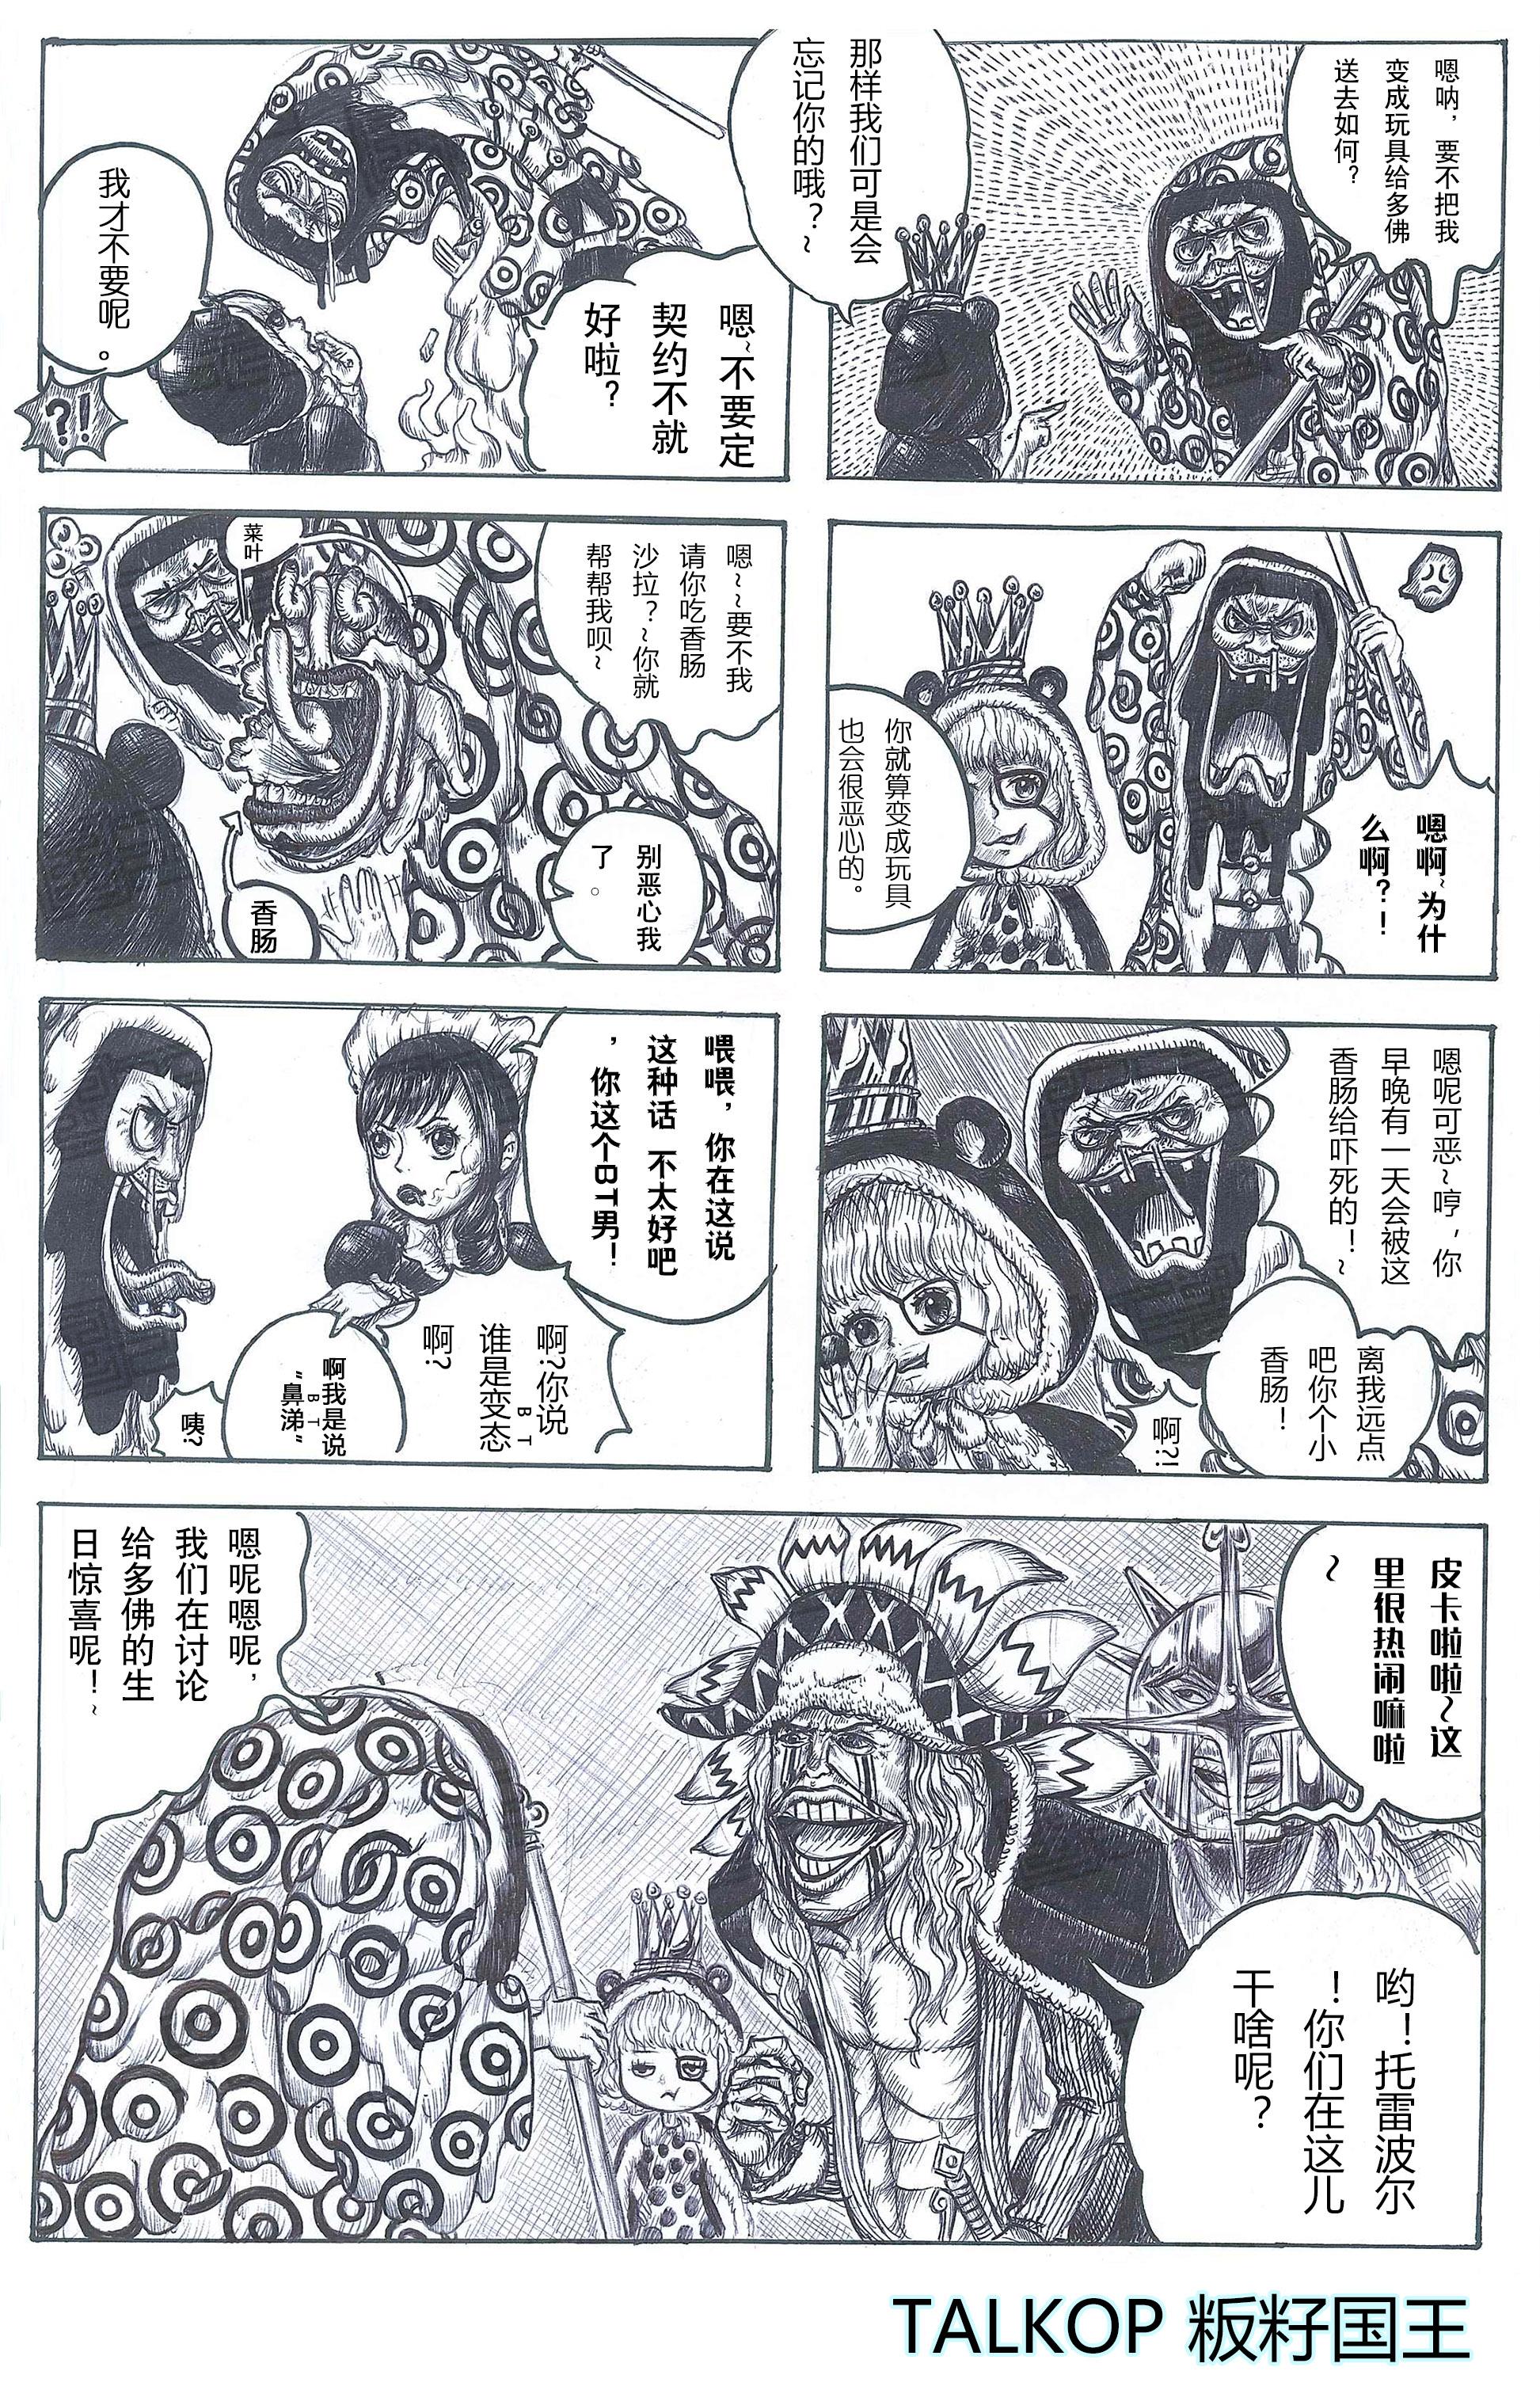 海贼王剧场明哥生日-2 粄籽国王.jpg